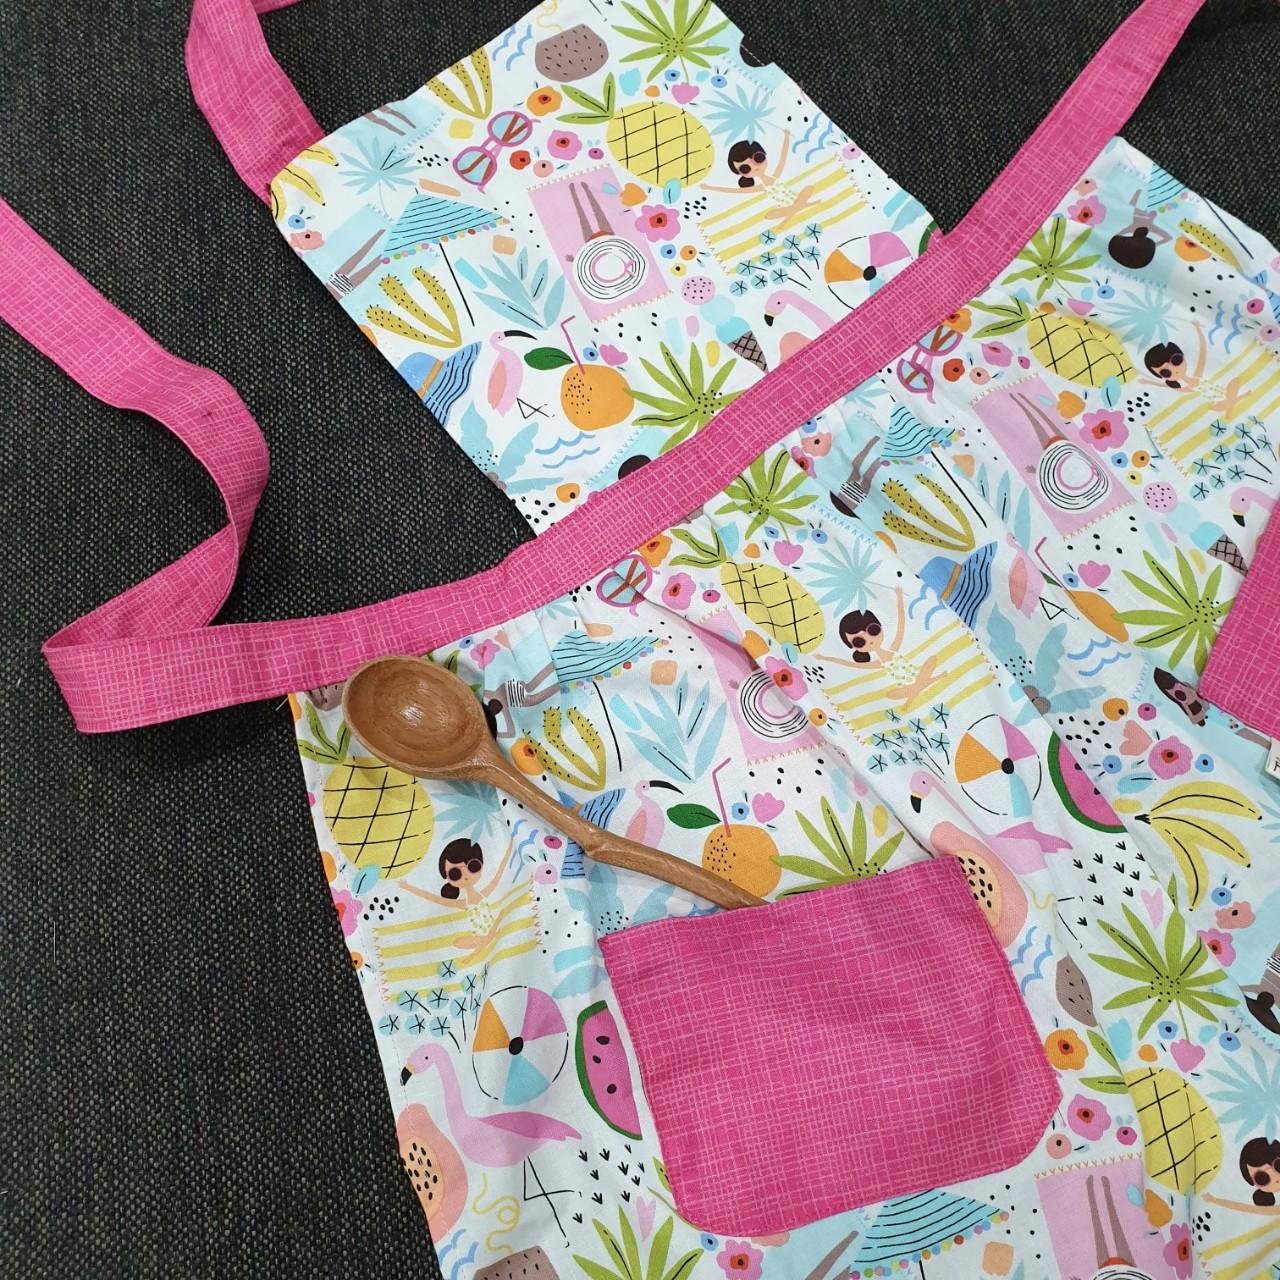 Tạp dề nấu ăn học vẽ, yếm nấu ăn học vẽ họa tiết mùa hè summer đi biển hoa quả nhiệt đới ngộ nghĩnh dễ thương dành cho bé gái